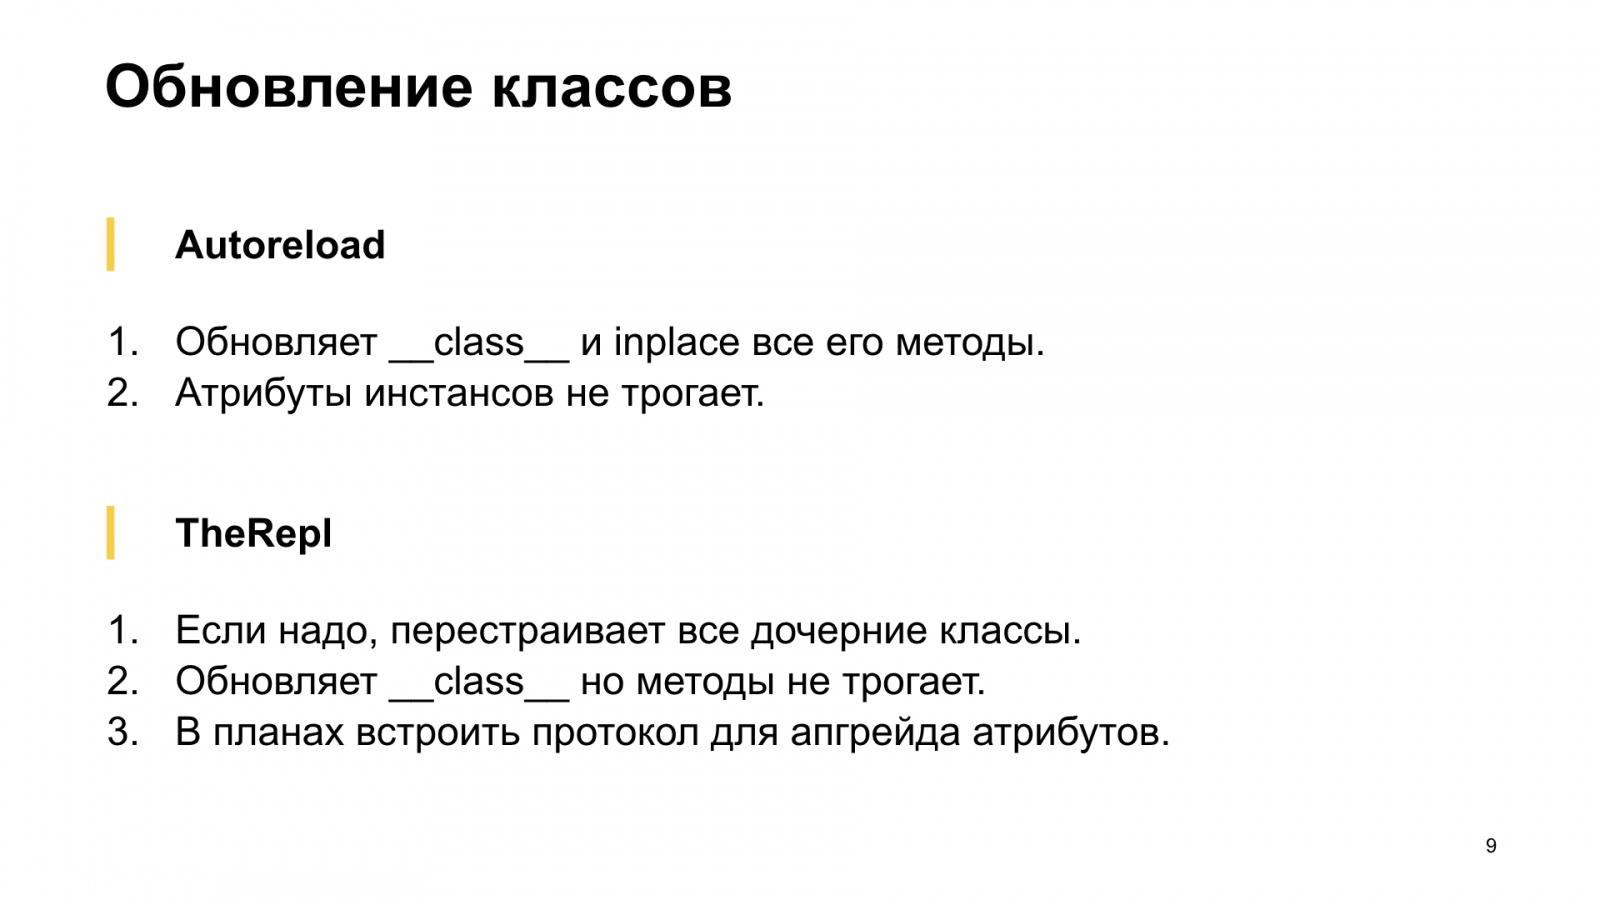 Бесполезный REPL. Доклад Яндекса - 9